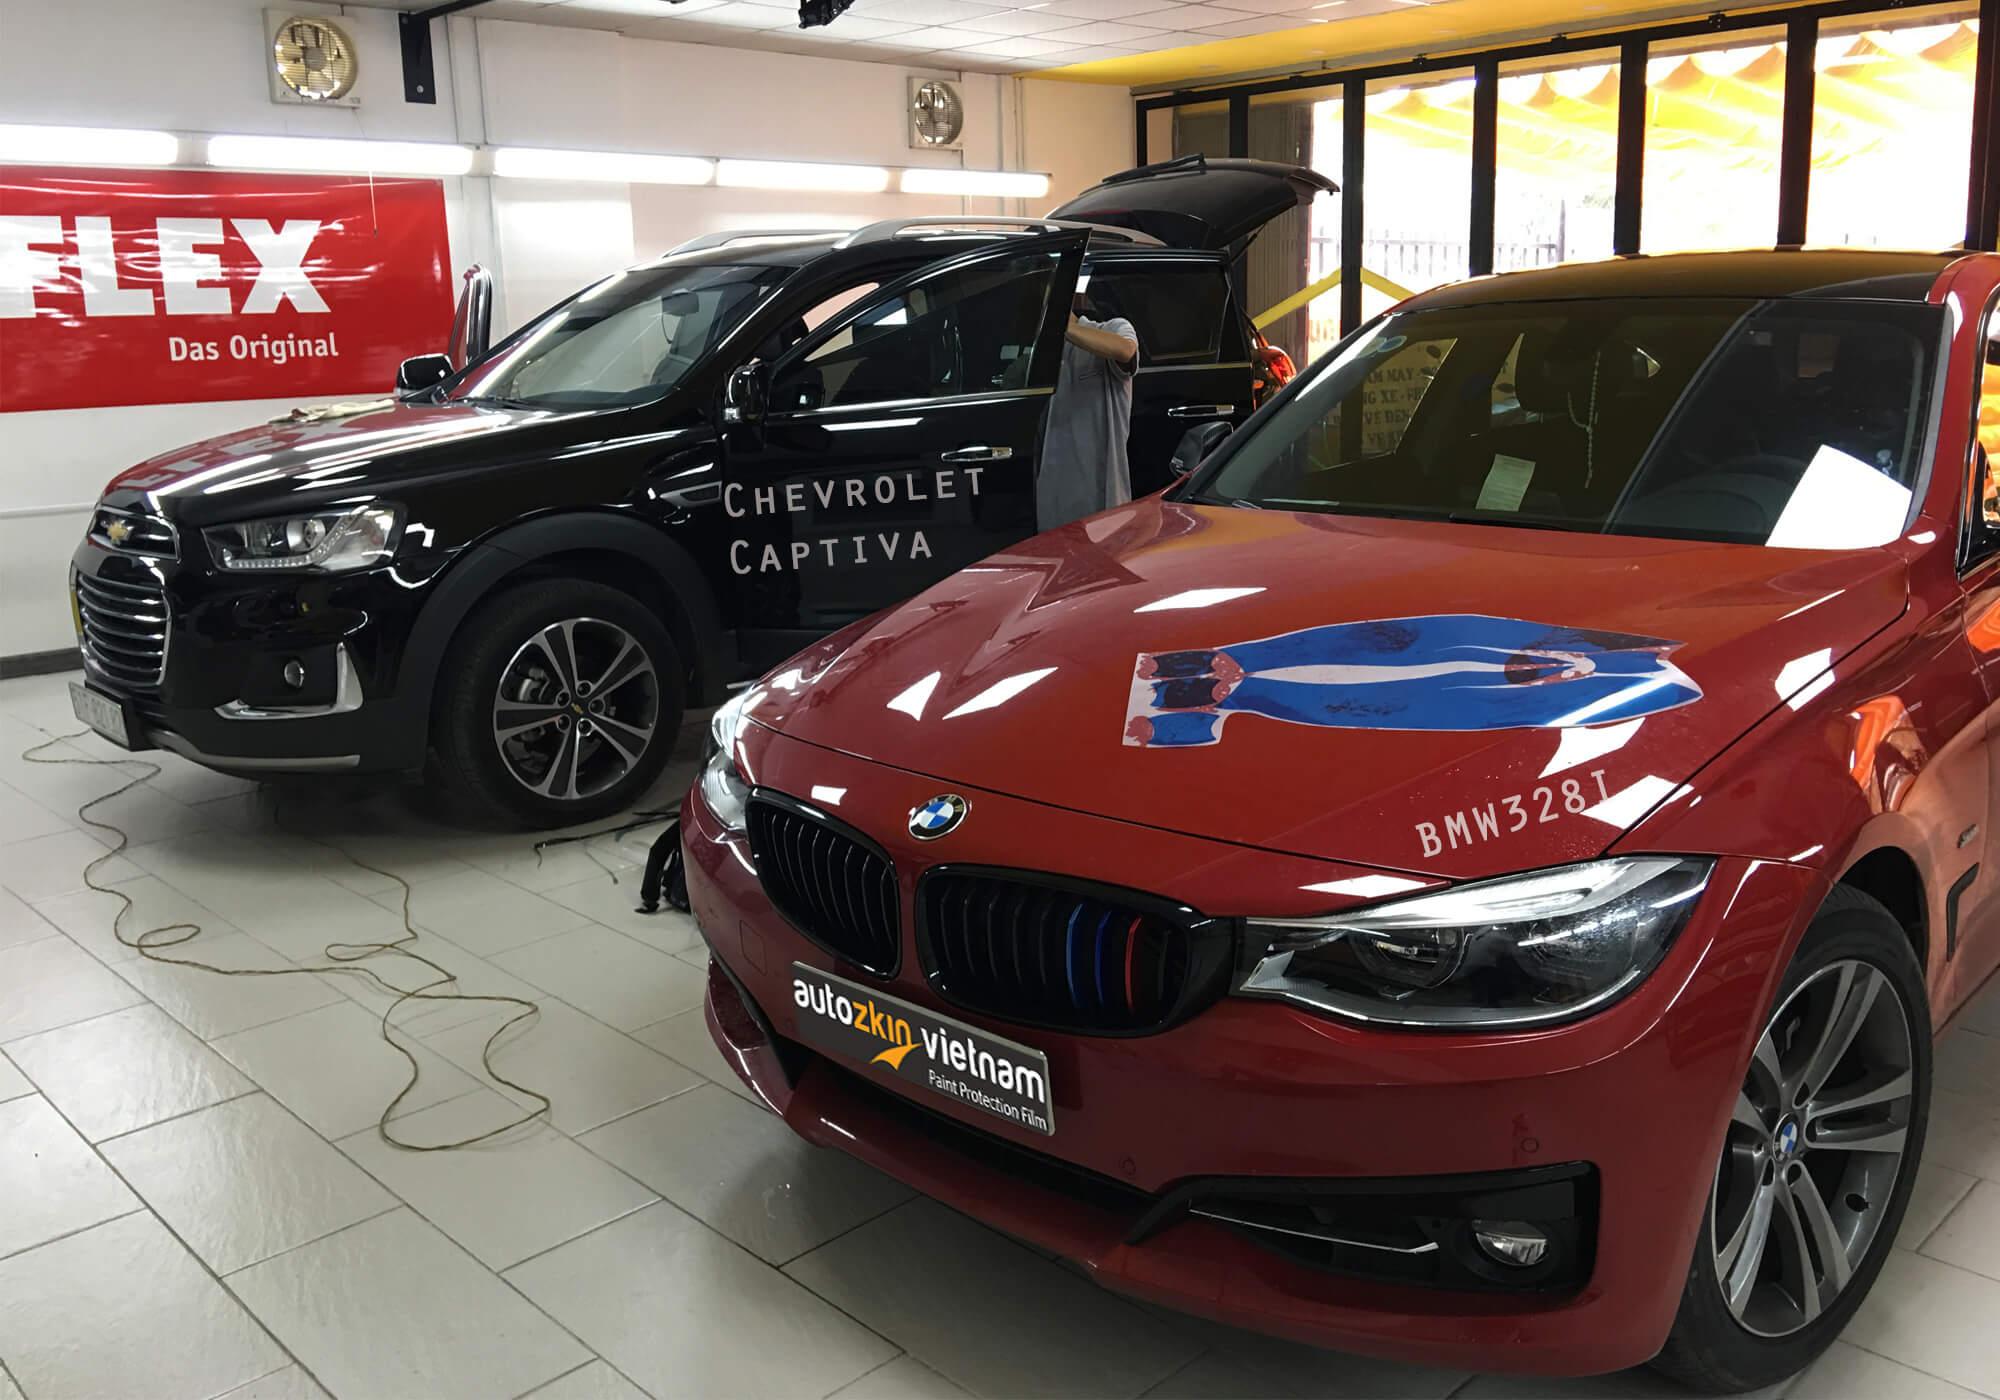 BMW 328i & Chevrolet Captiva